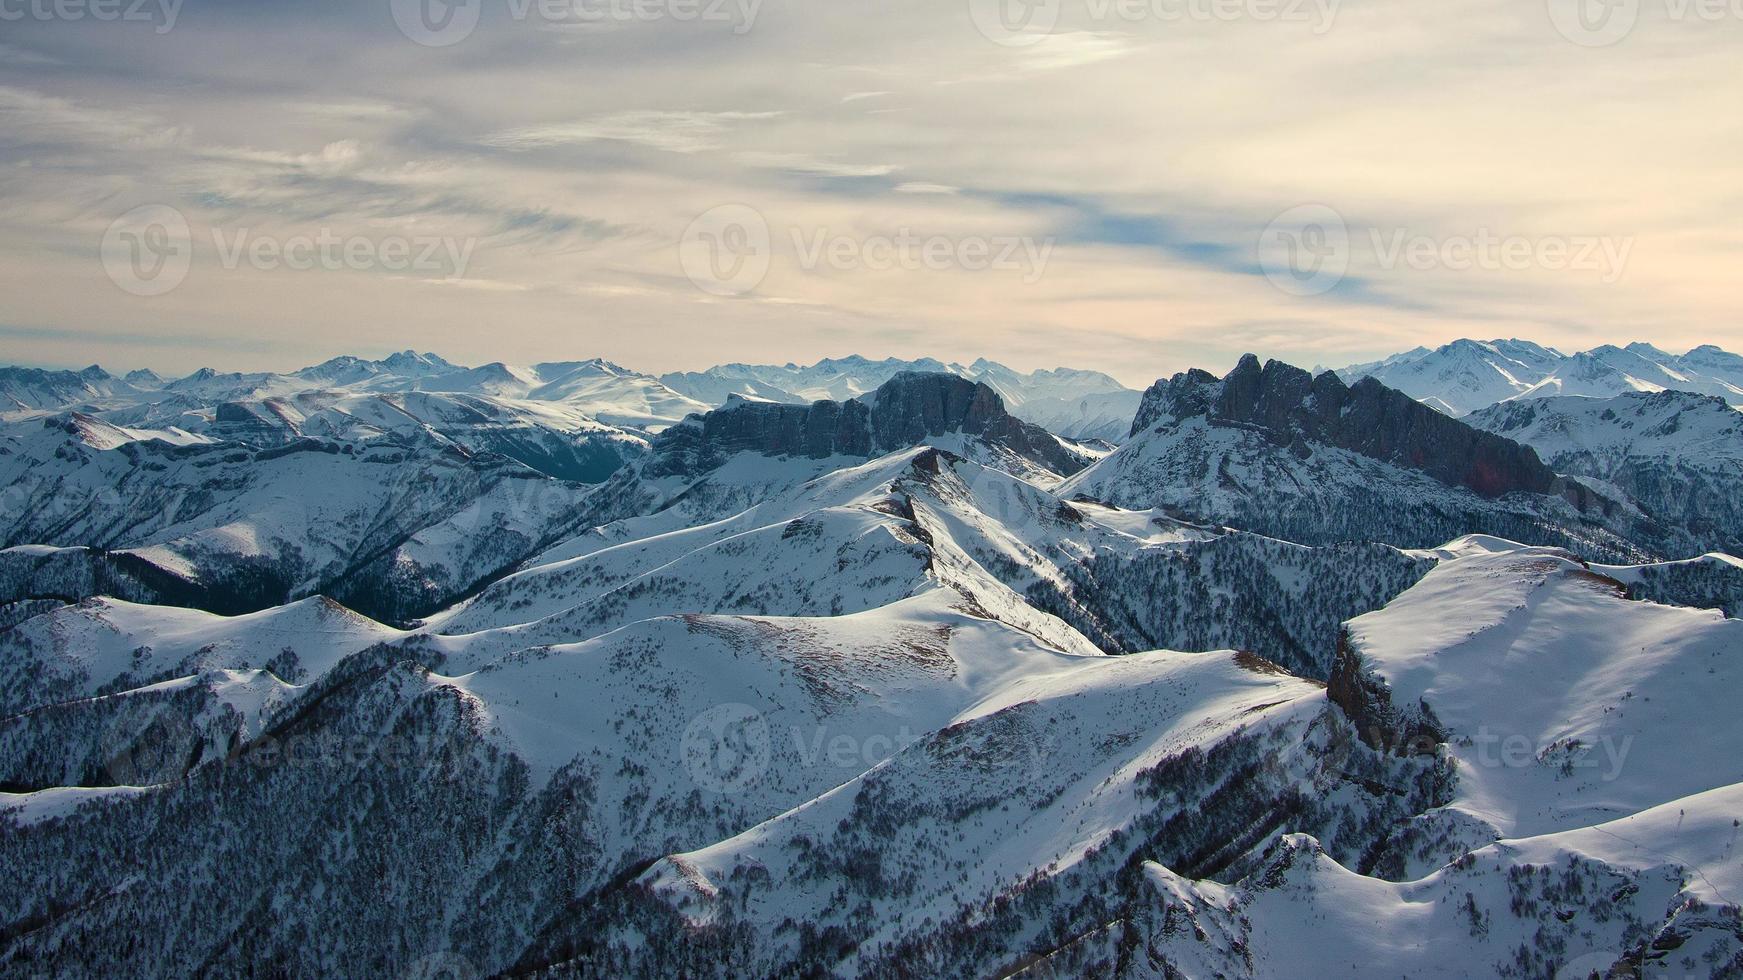 Mountain day winter photo